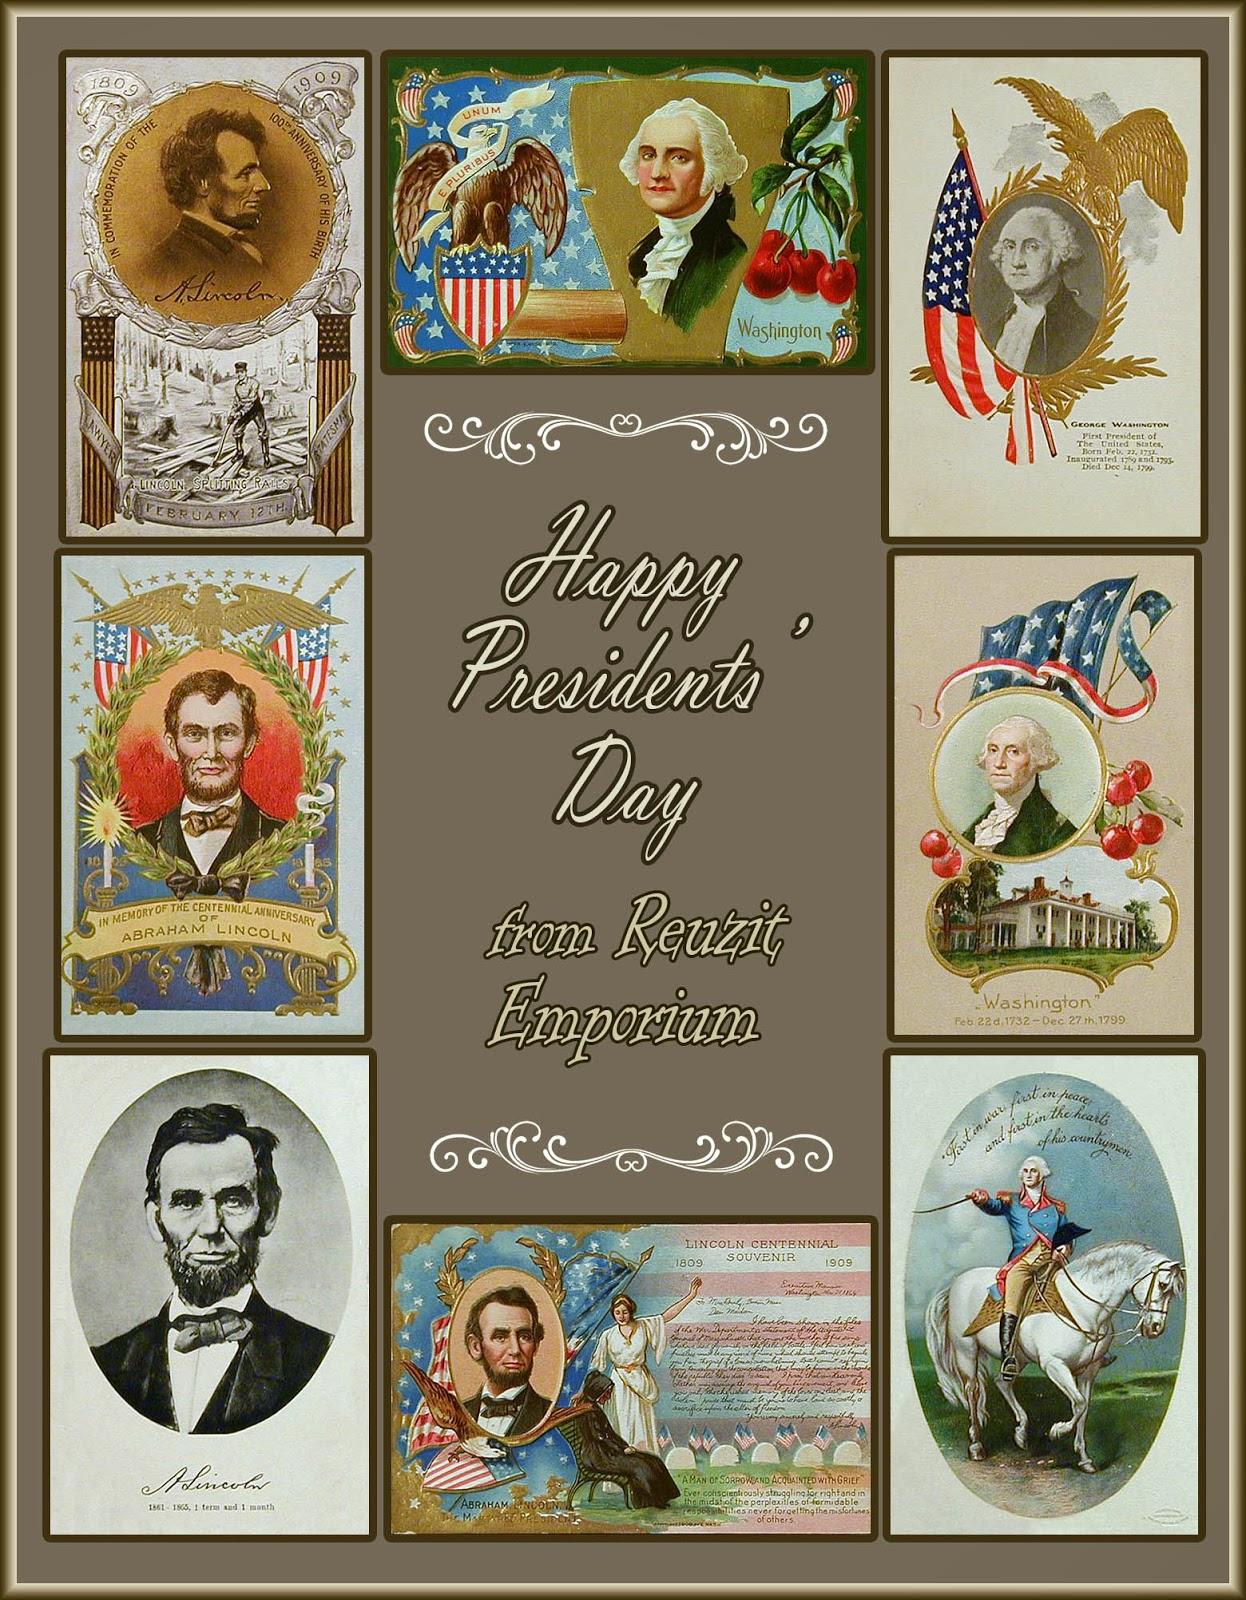 http://www.reuzeitmn.com/post-cards/holiday/president-s-birthday